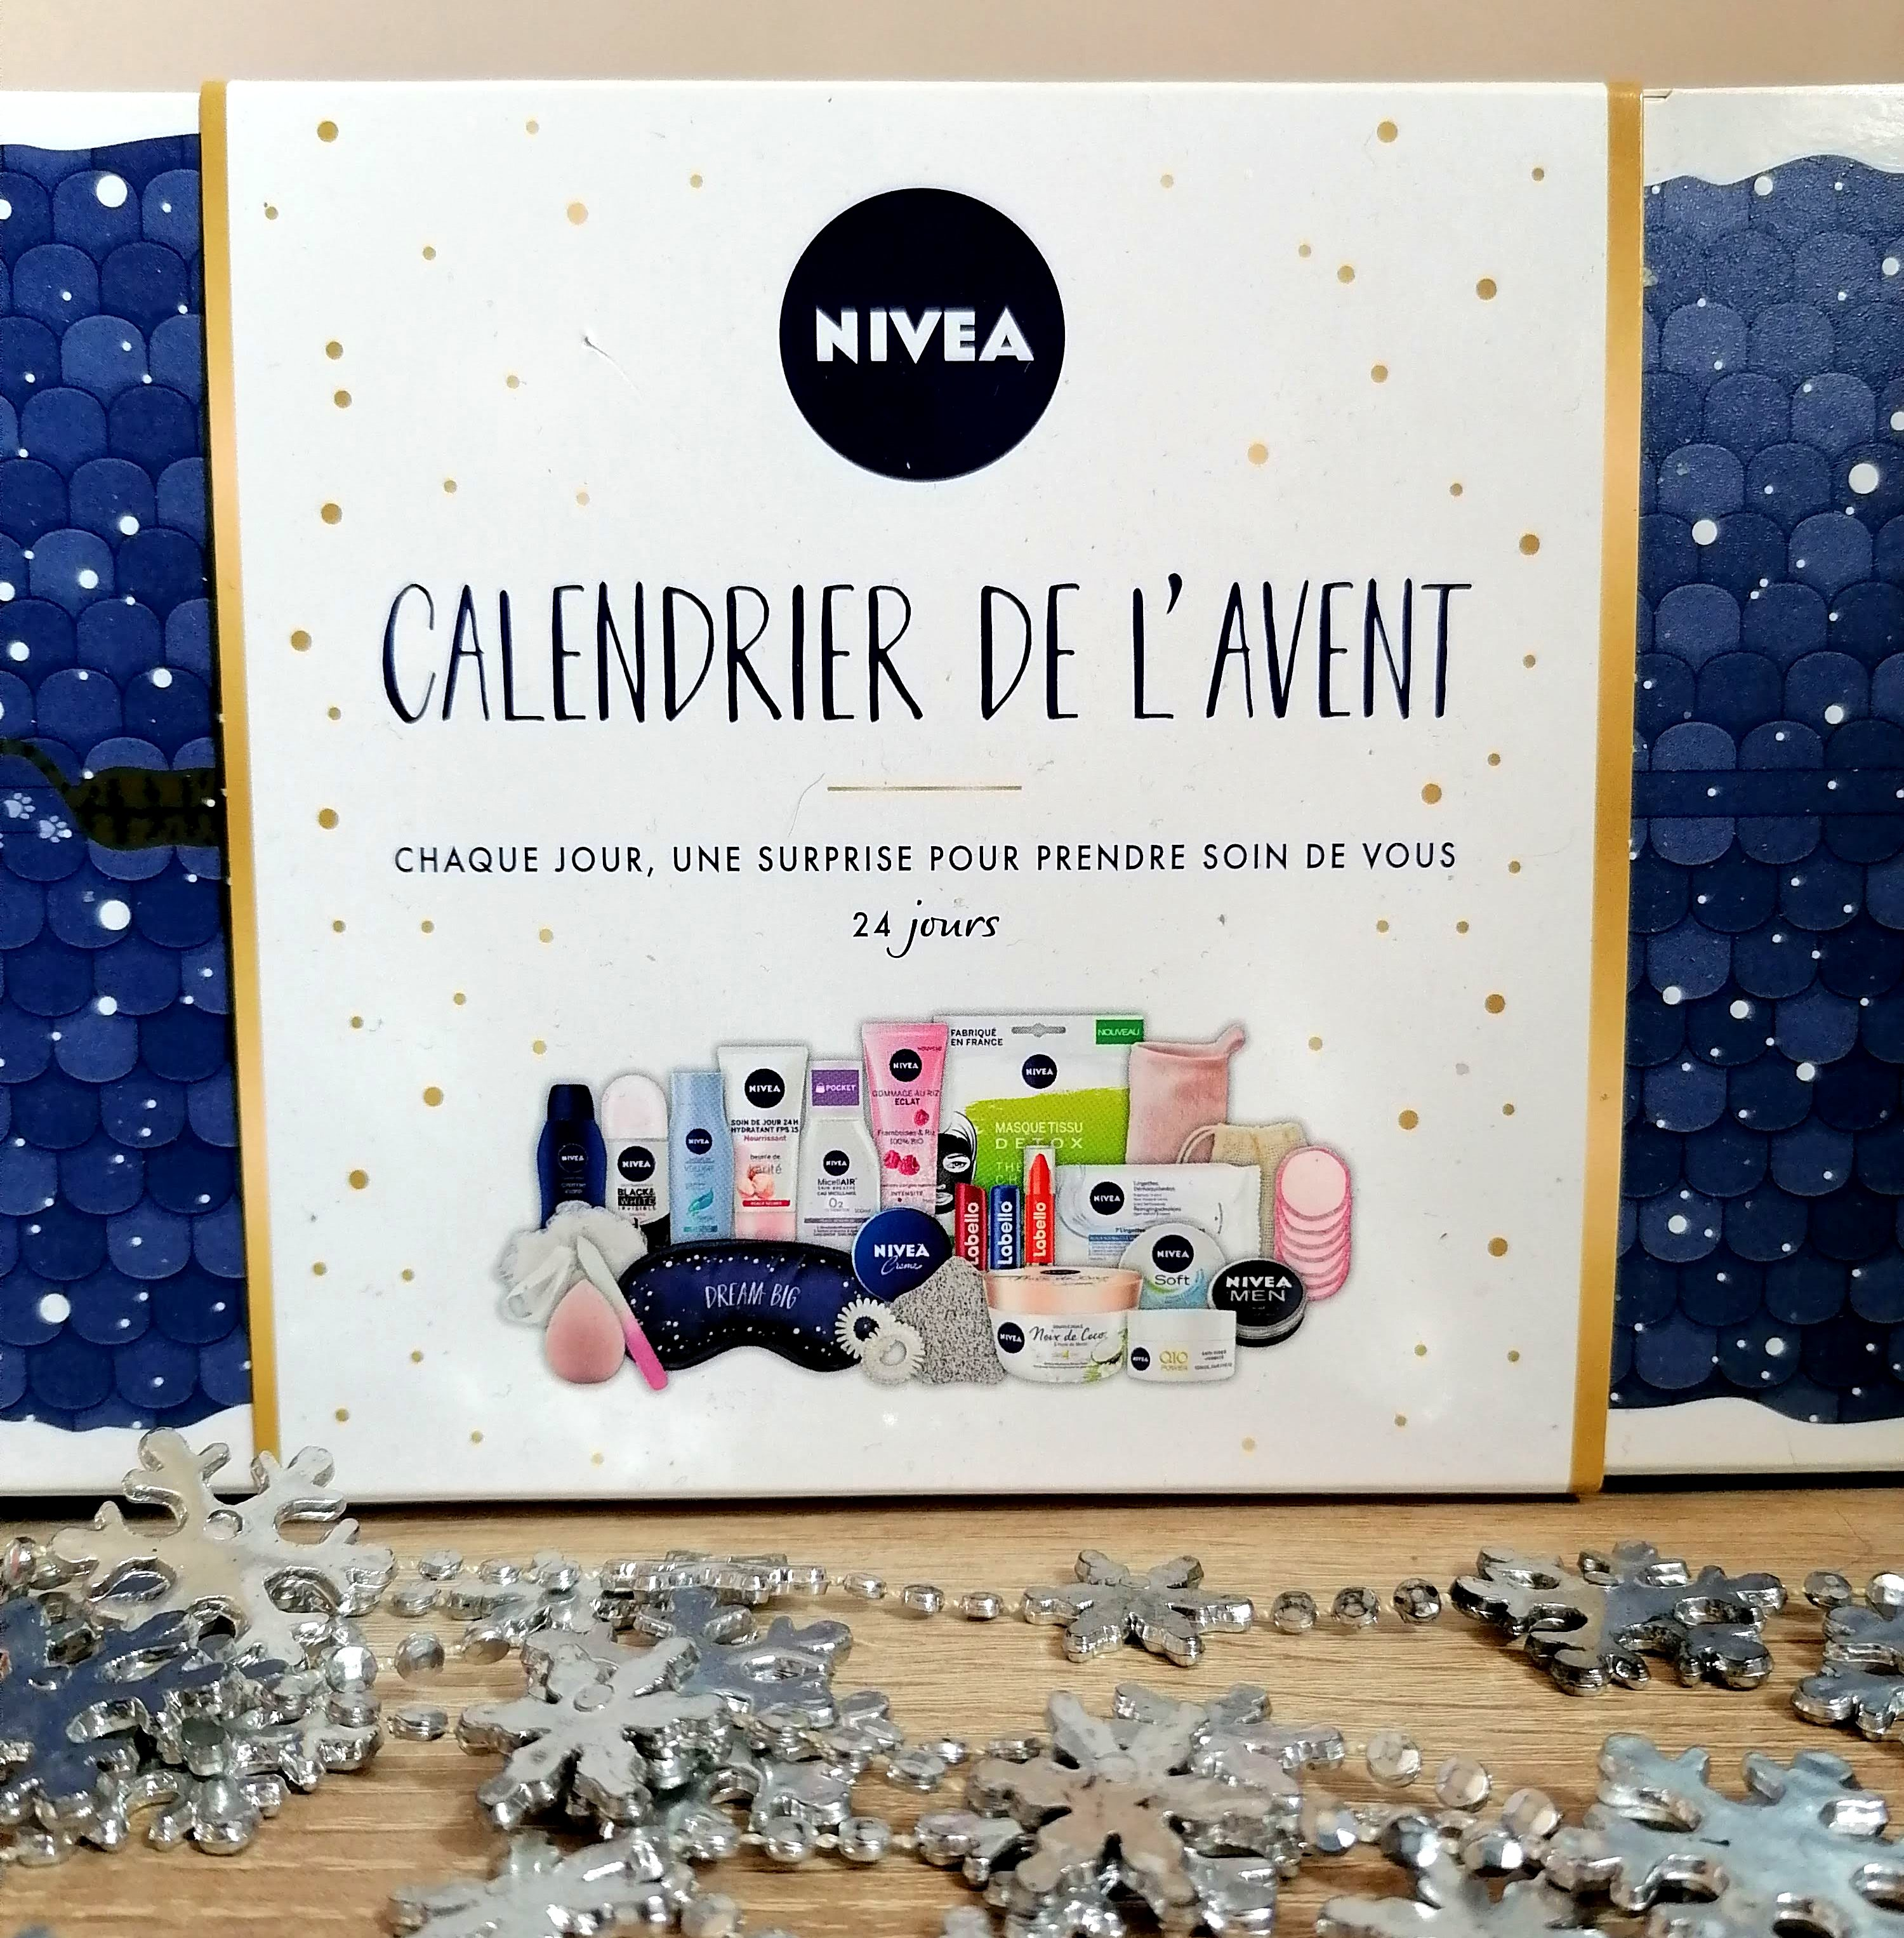 Unboxing du calendrier de l'avent 2020 de NIVEA! (et il est énorme 😱)